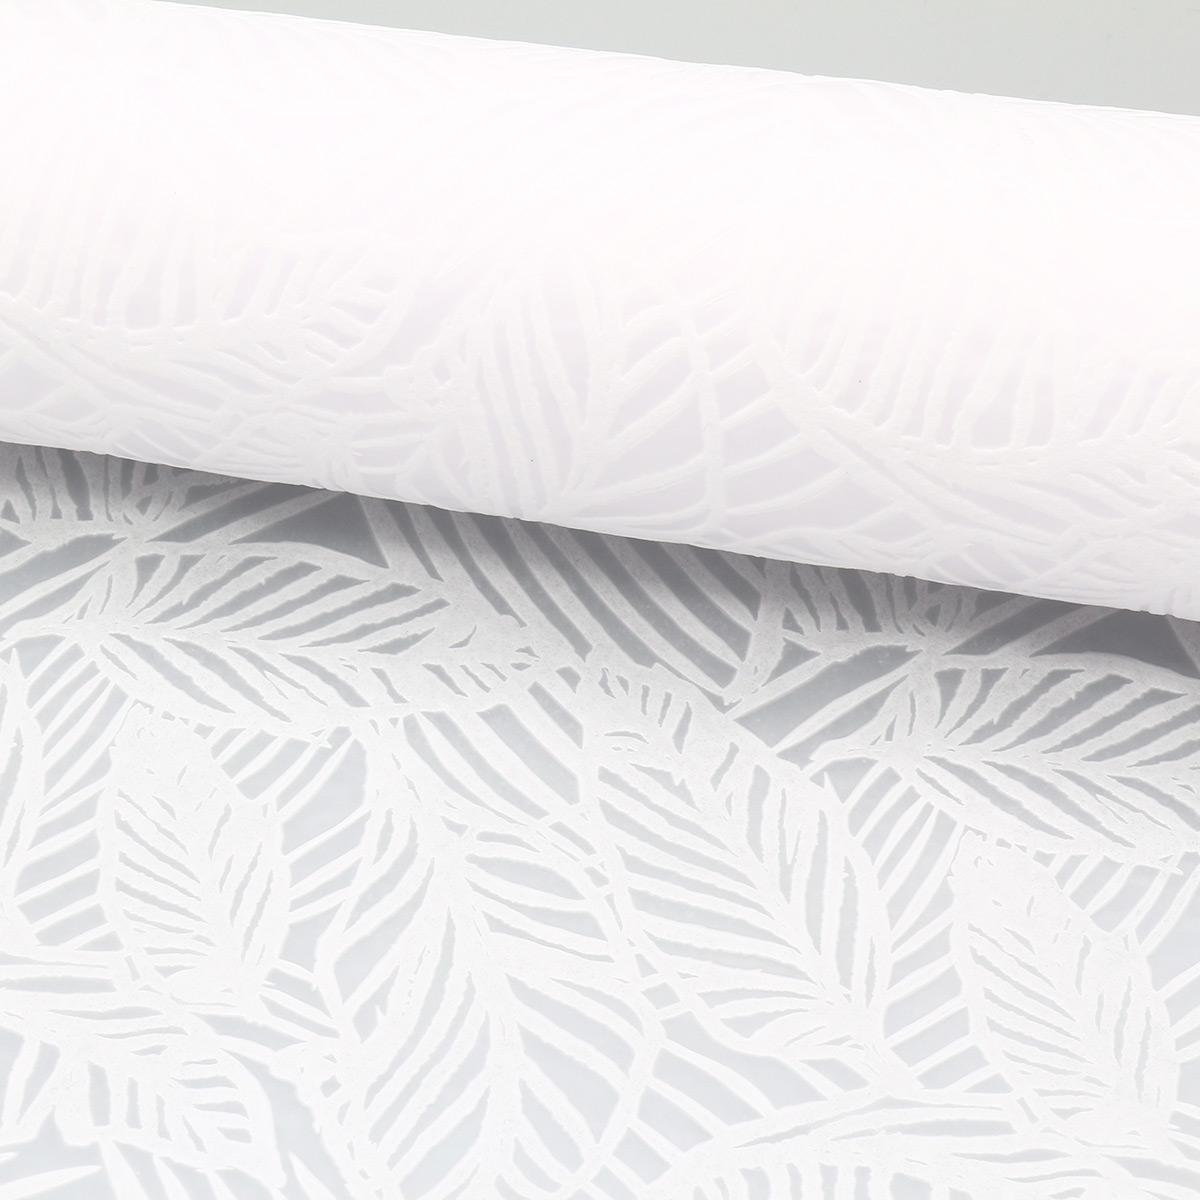 AR1104 Материал упаковочный декоративный флористический белый, 48см*4,57м